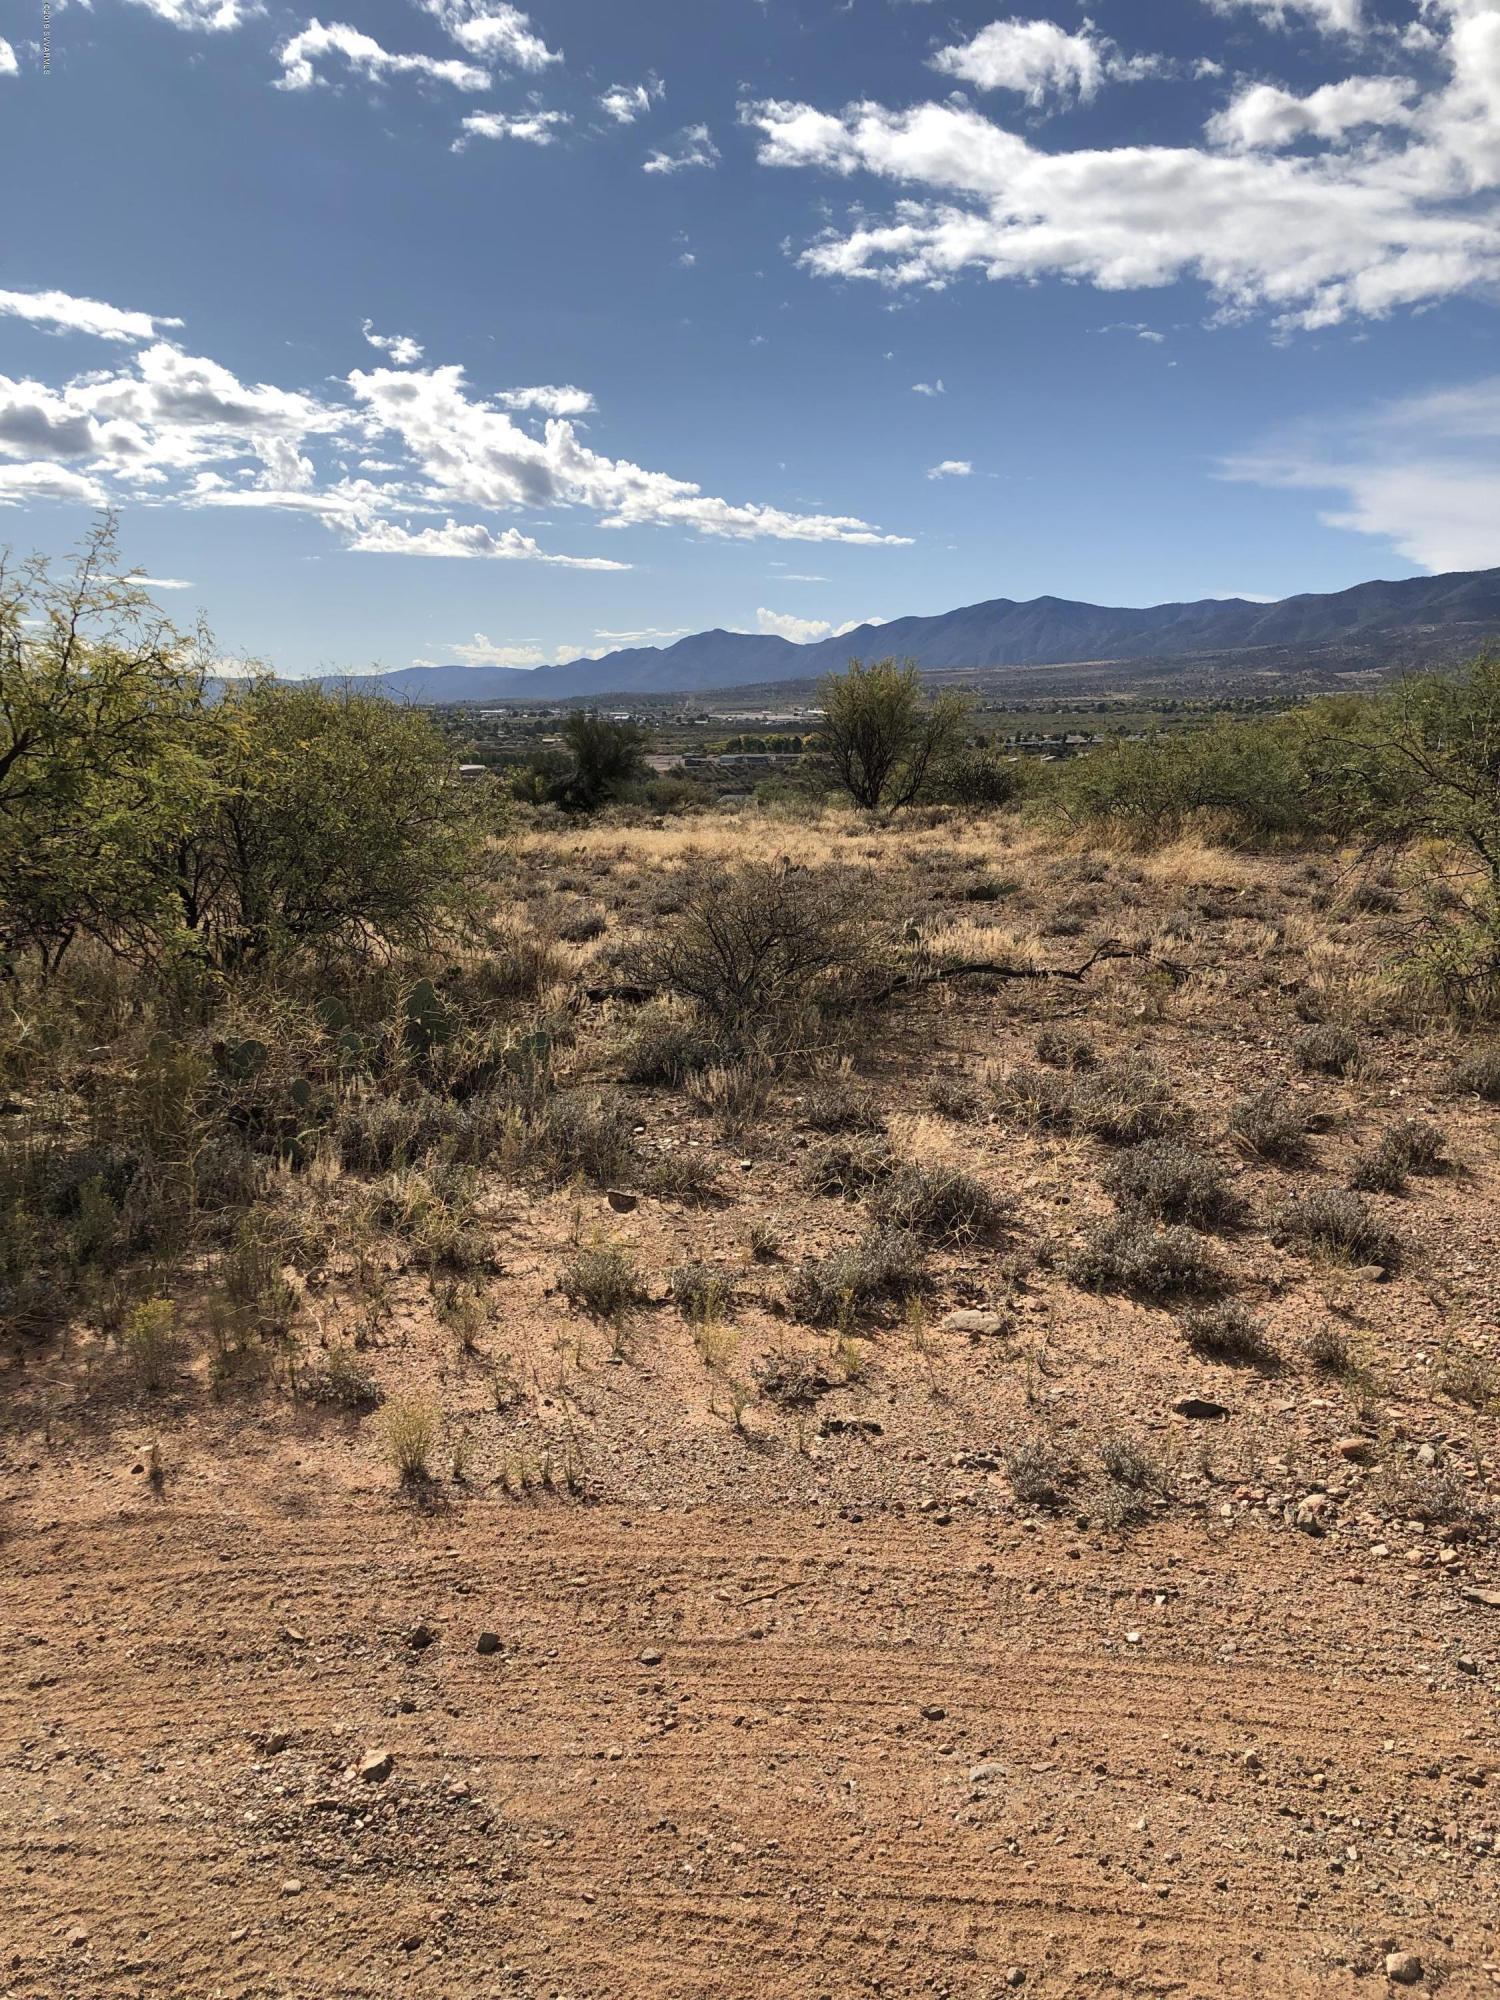 451 Ravenhill Clarkdale, AZ 86324